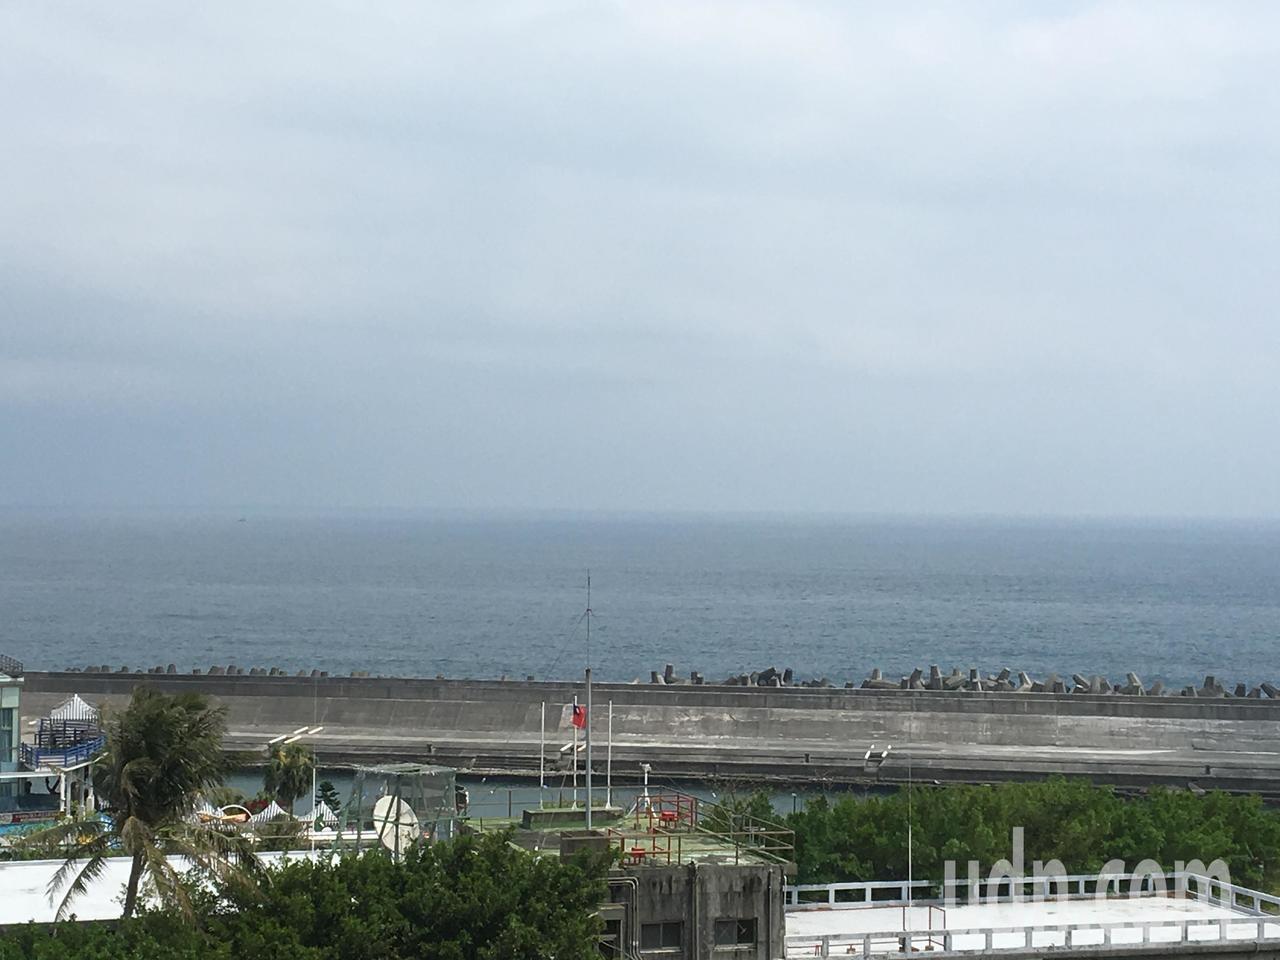 花蓮港東堤後方就是無敵海景,許多民眾喜歡就近賞海景,在民眾反應後,花蓮港務分公司...